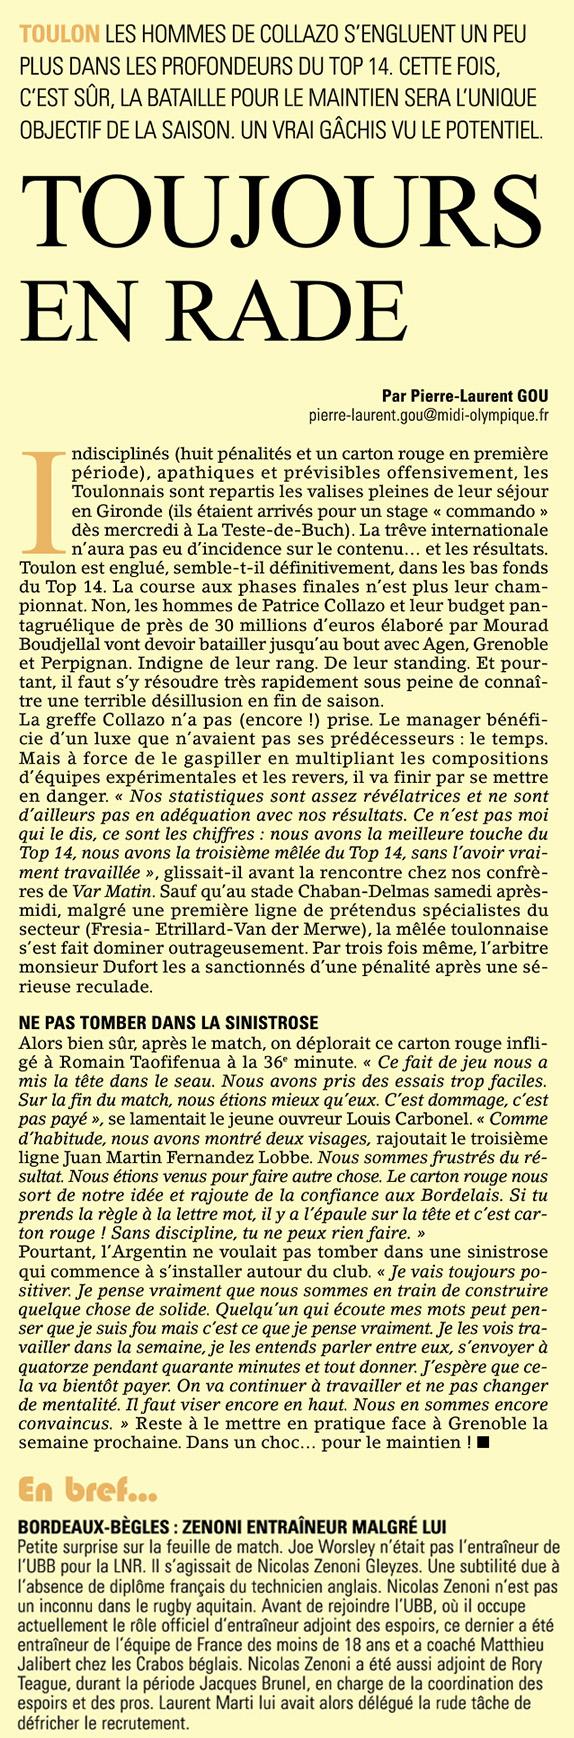 Top14 - 10ème journée : UBB / TOULON - Page 5 213